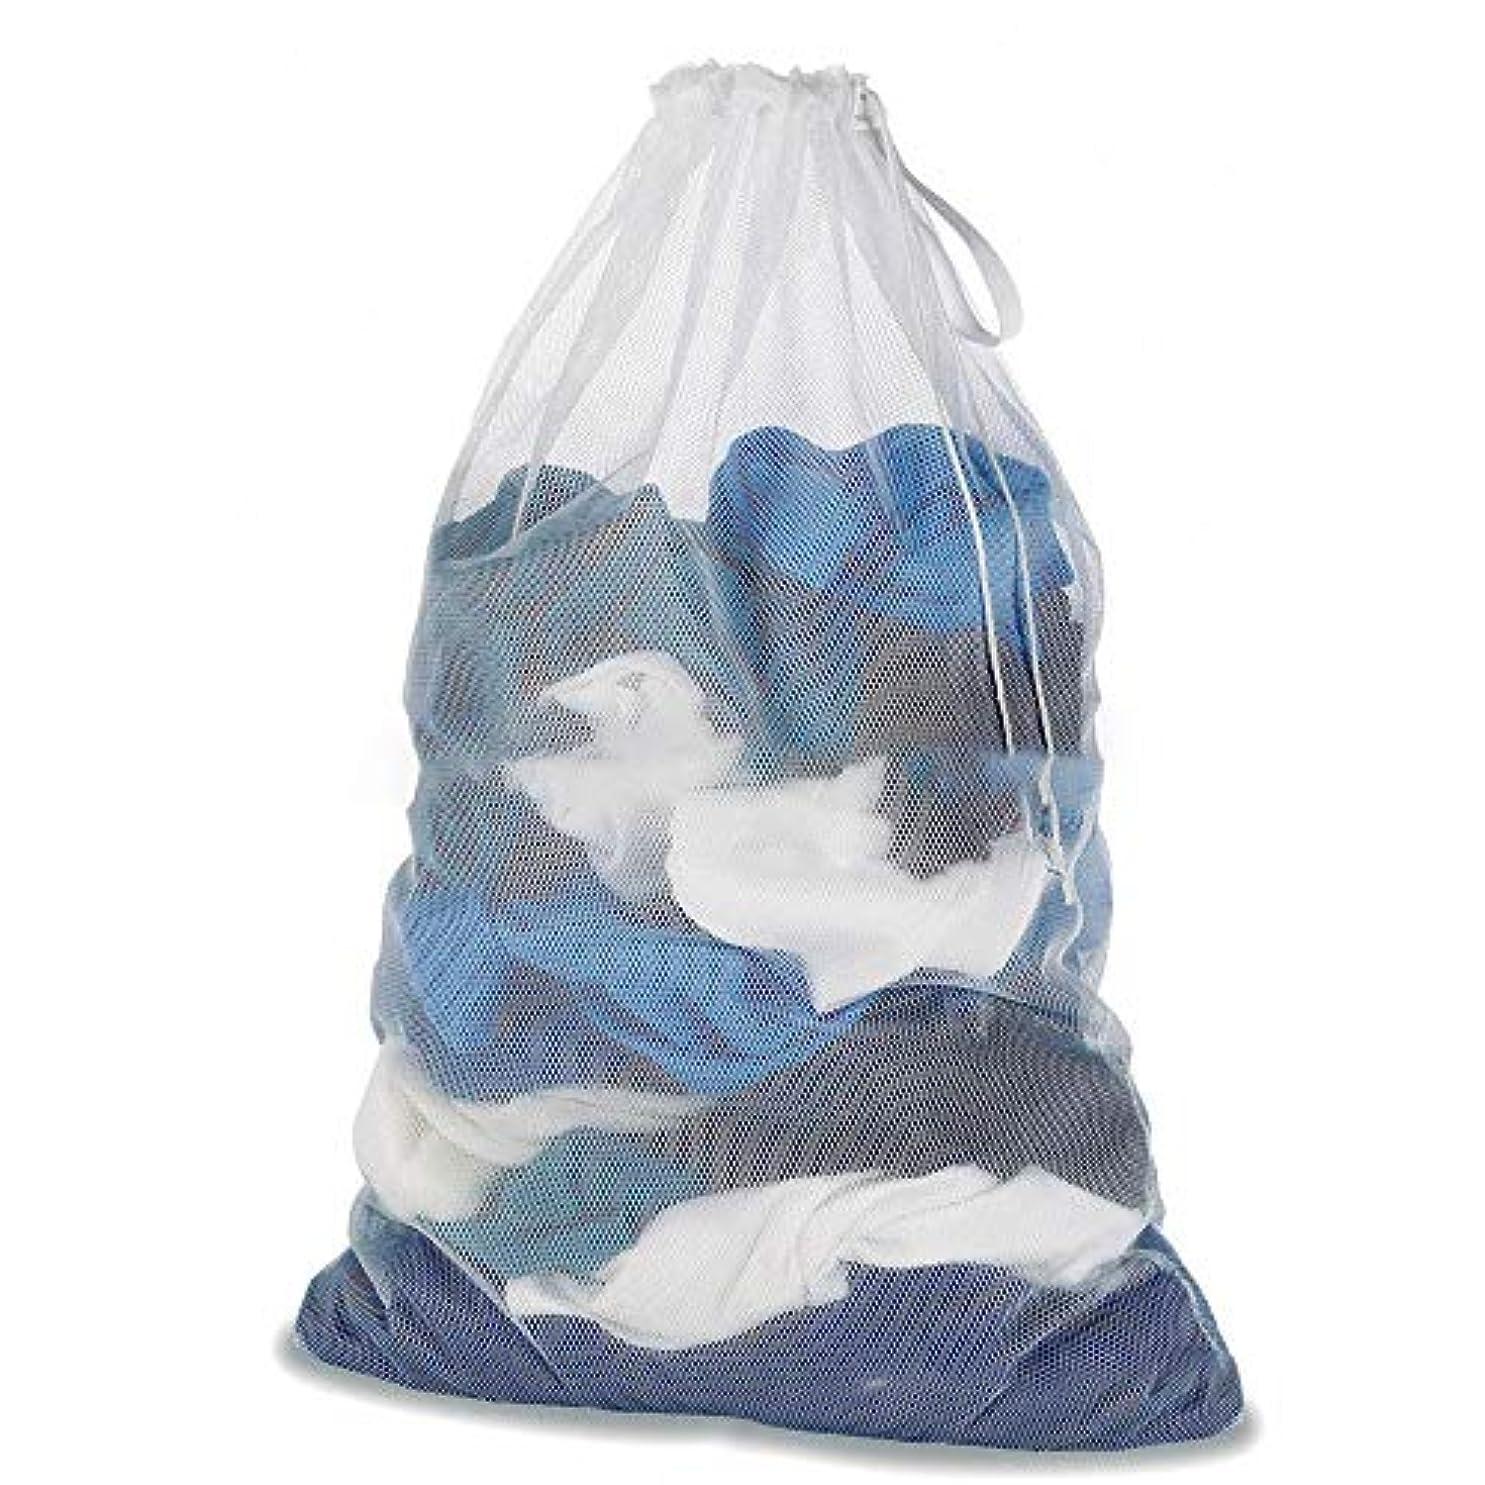 化学禁止するバウンド赤ん坊の衣服、ドローストリングが付いているジャケットのカーテンのための大きい網の洗濯袋の洗濯袋 (マルチカラー)